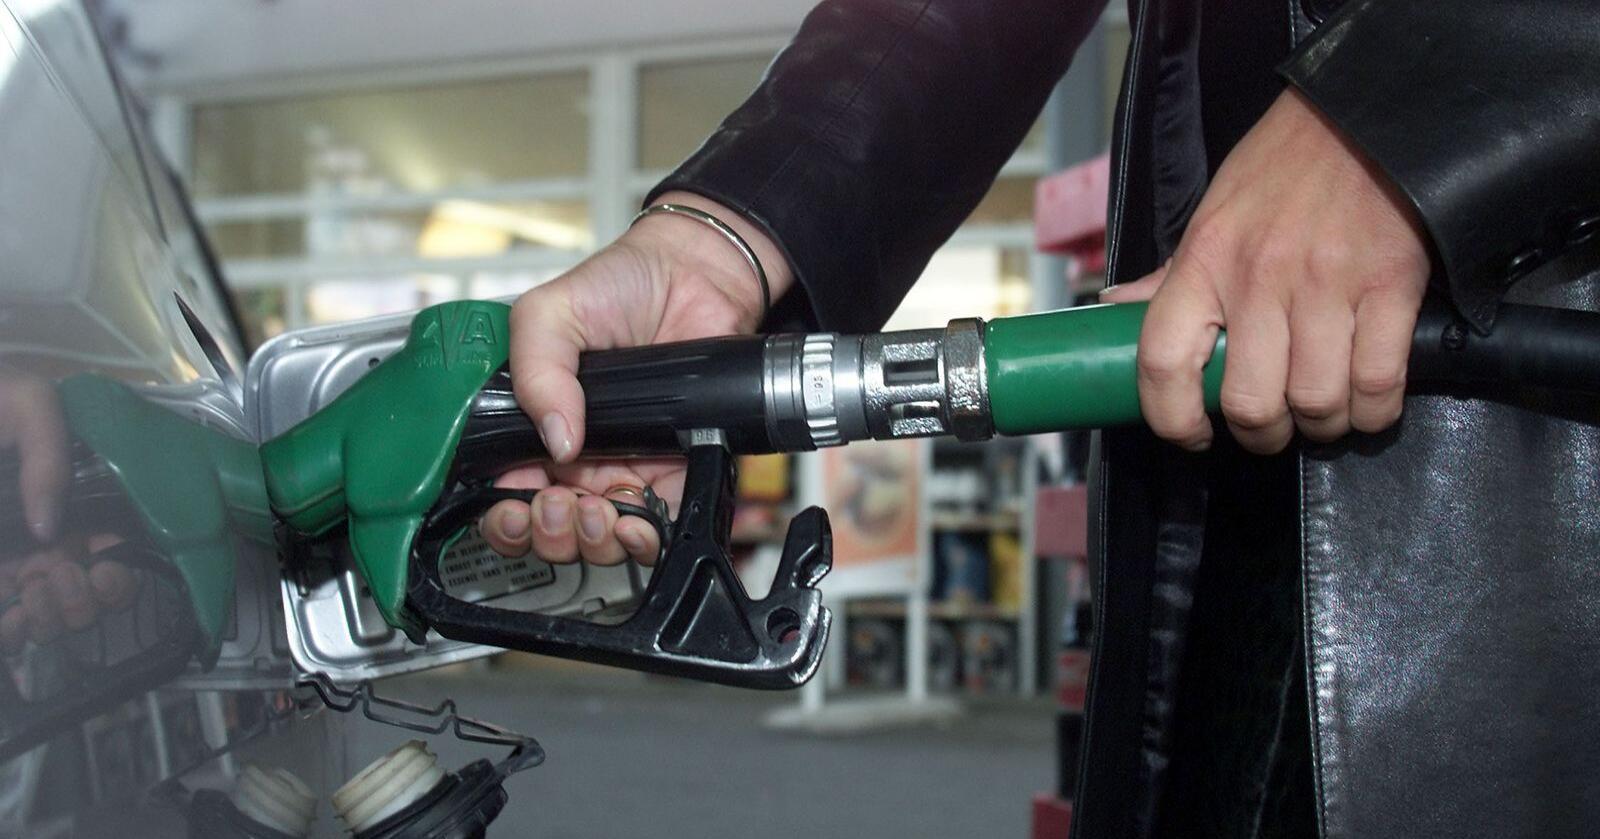 Pumpeprisen kan øke med over 4 kroner etter moms hvis CO2-avgiften økes til 2.000 kroner per tonn, viser beregninger som bilorganisasjoner har gjort. Foto: Lise Åserud / NTB